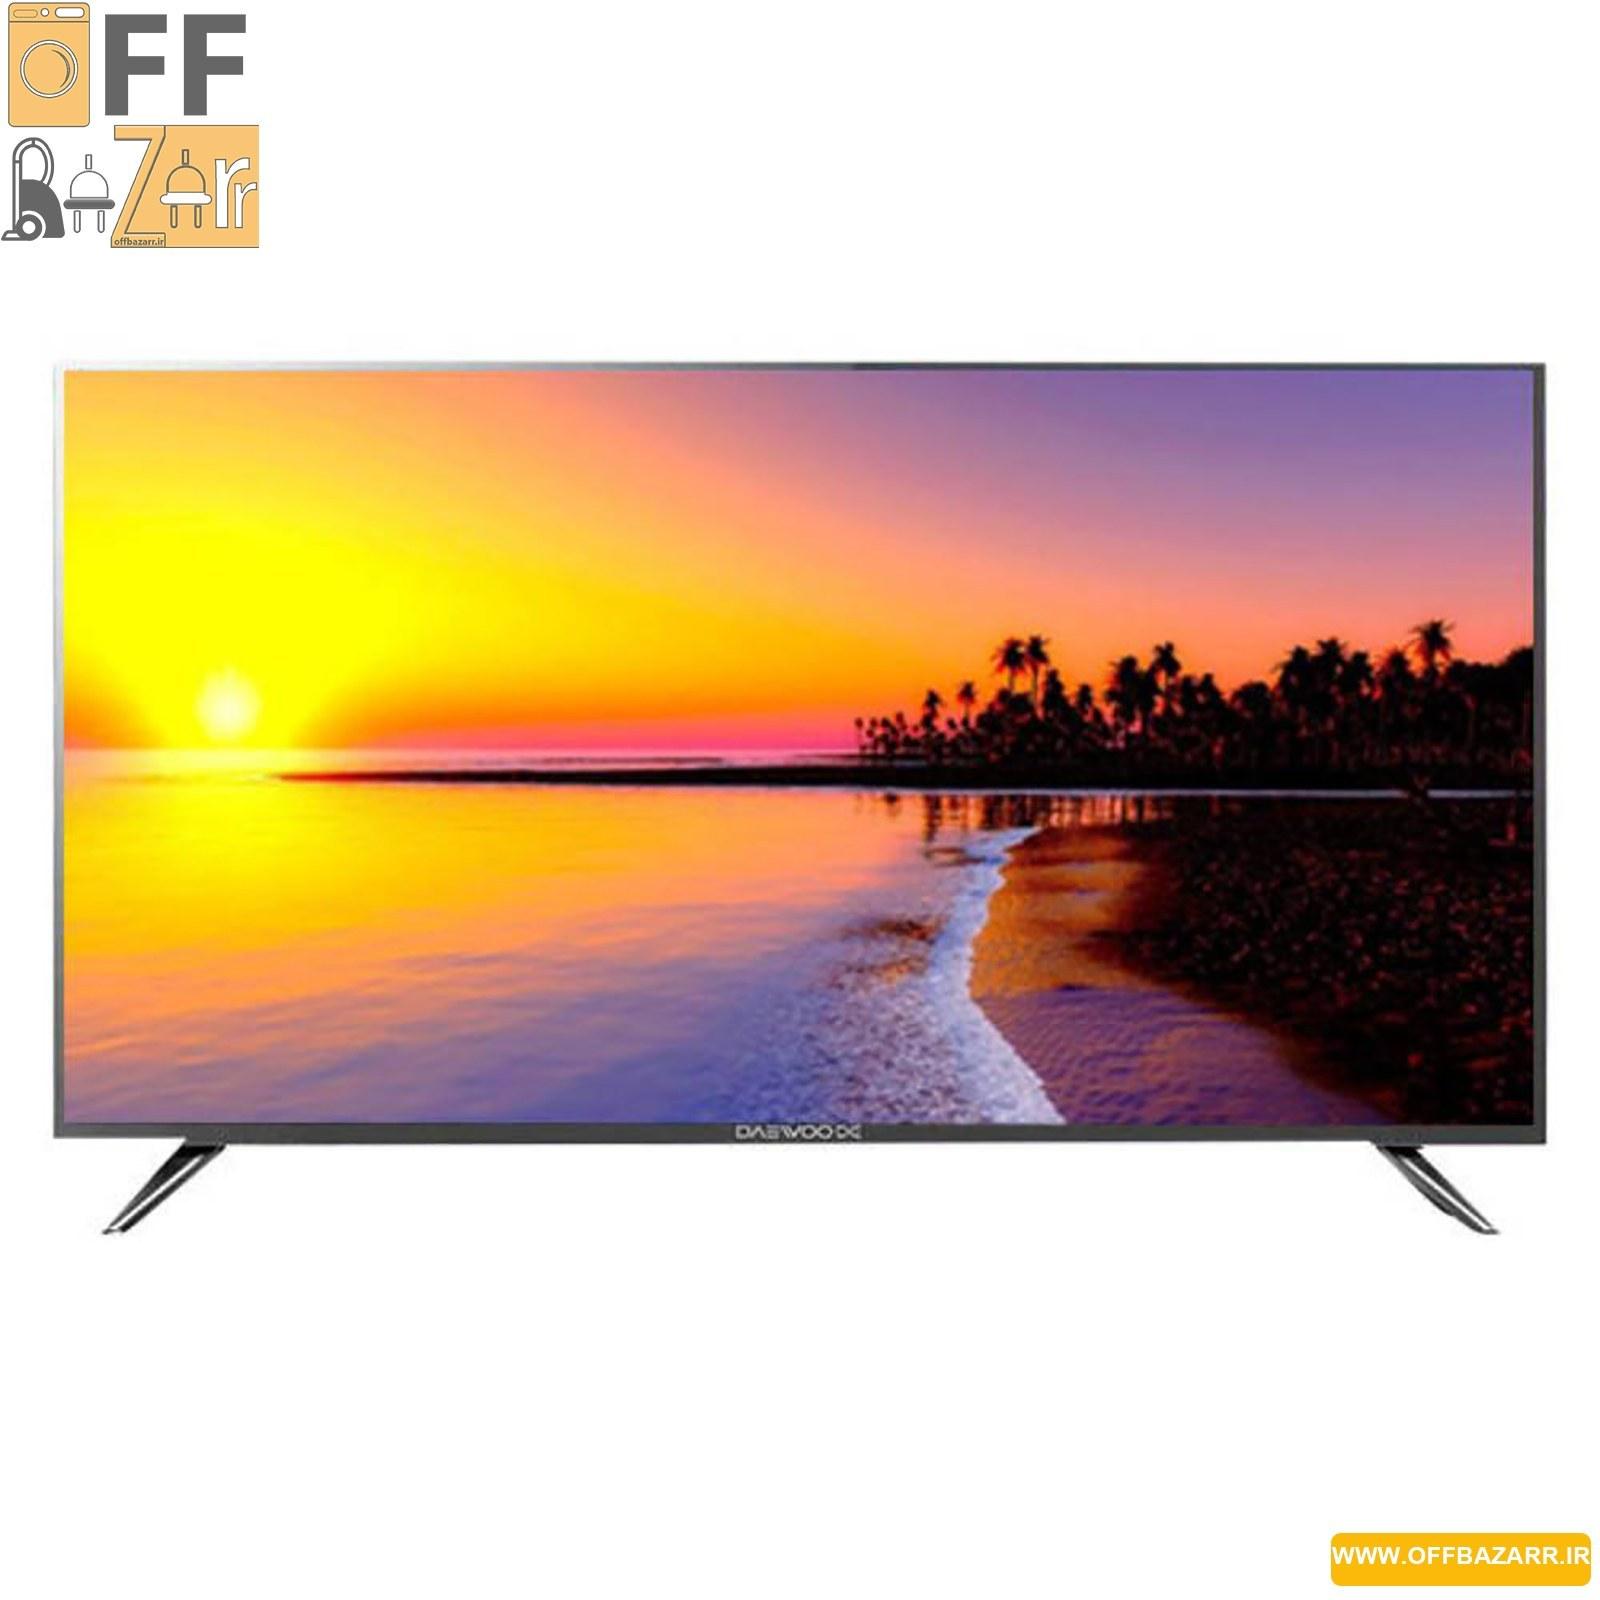 تصویر تلویزیون دوو مدل DLE-K4300 Daewoo DLE-K4300 LED TV